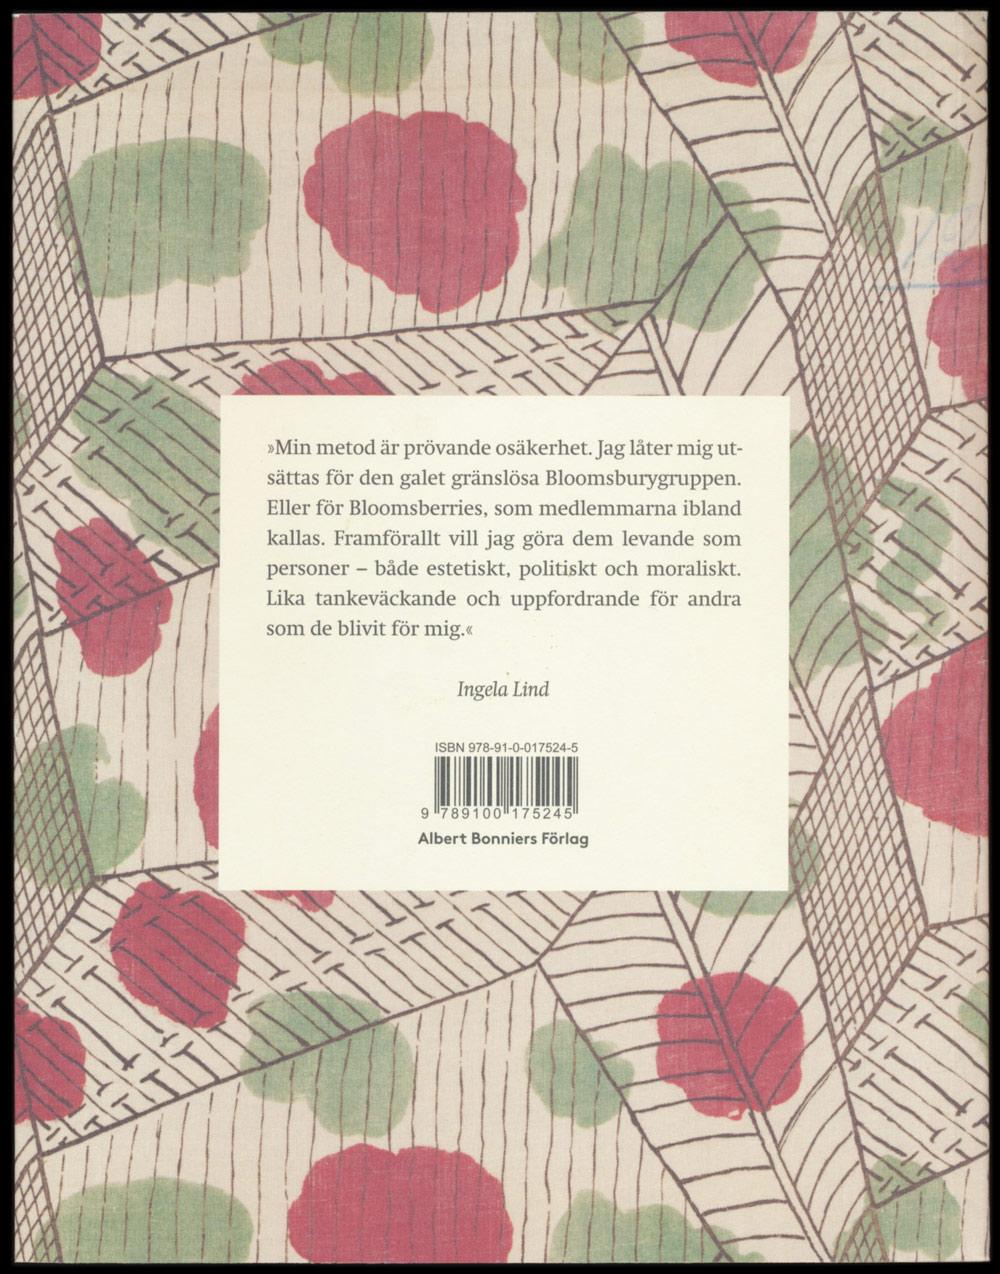 Ta sig frihet av Ingela Lind, form av Annika Lyth, utgiven av Albert Bonniers Förlag